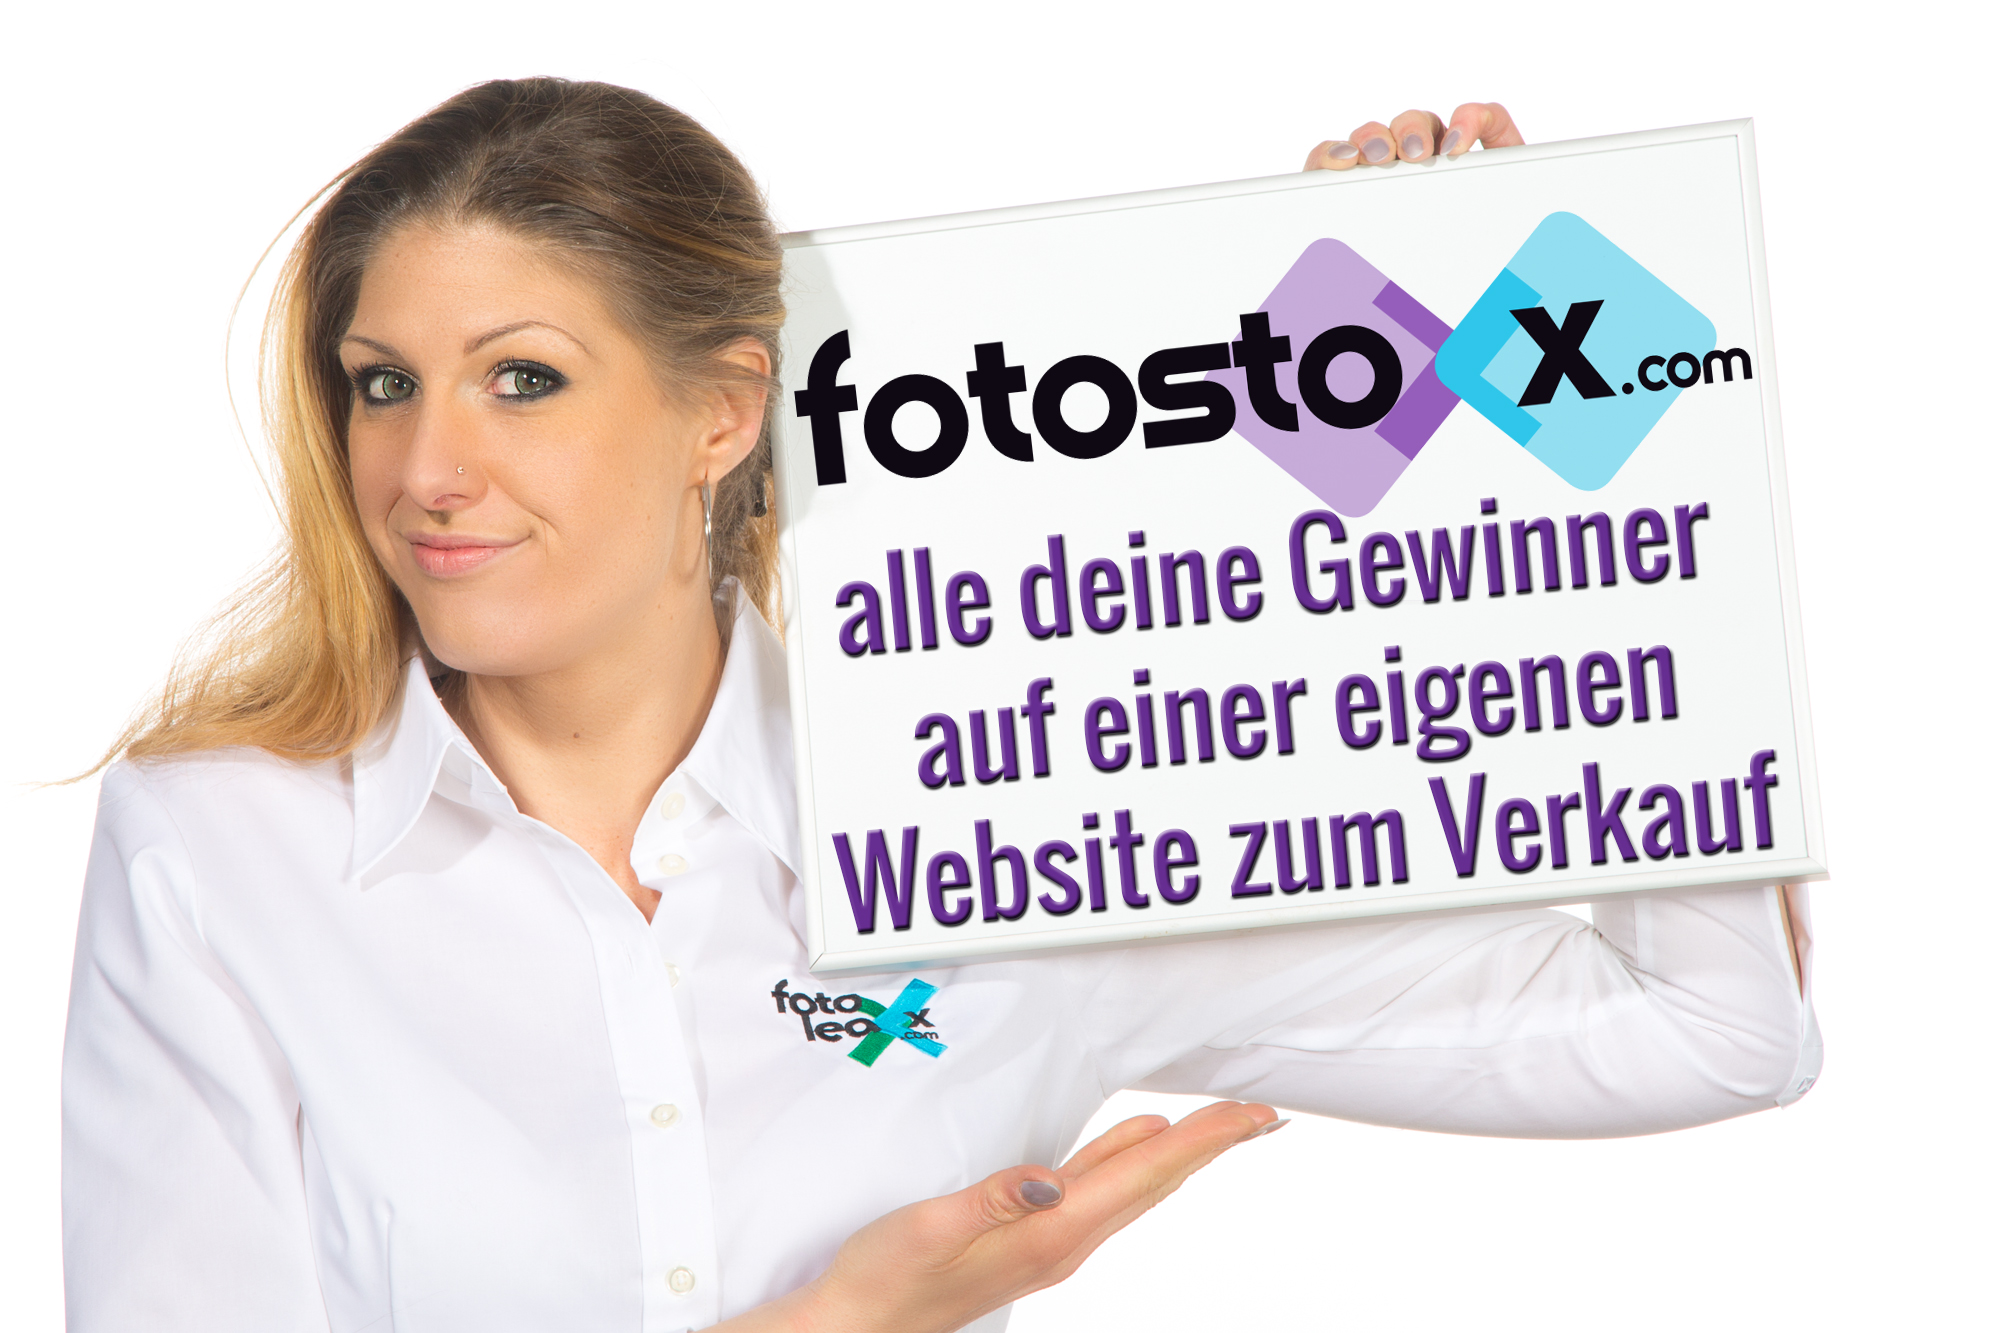 ...fotostoxx.com - MEINE GEWINNER AUF EINER EGENEN WEBSITE...